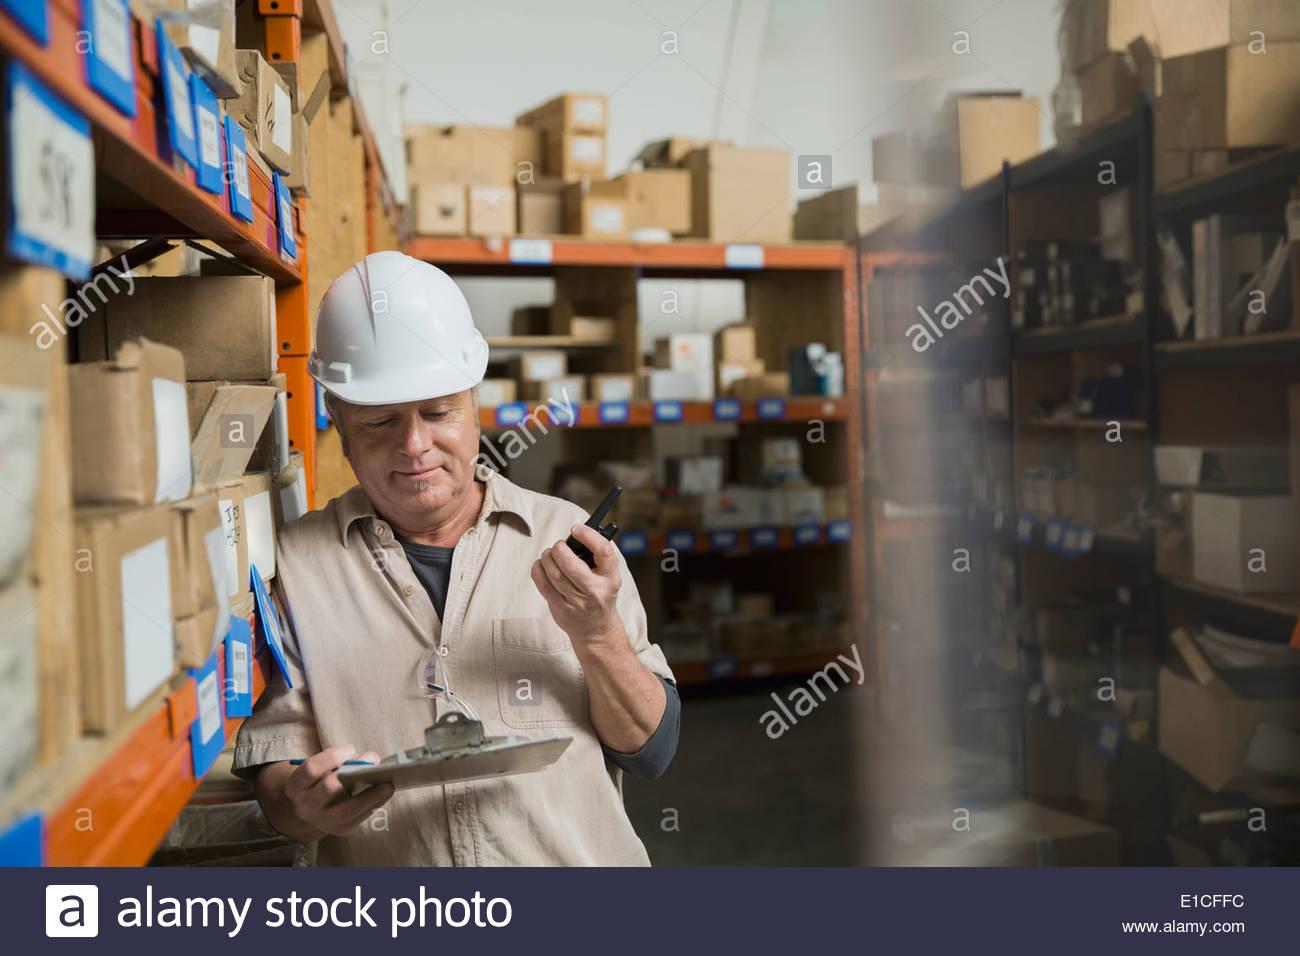 Presse-papiers avec des travailleurs dans l'entrepôt Photo Stock